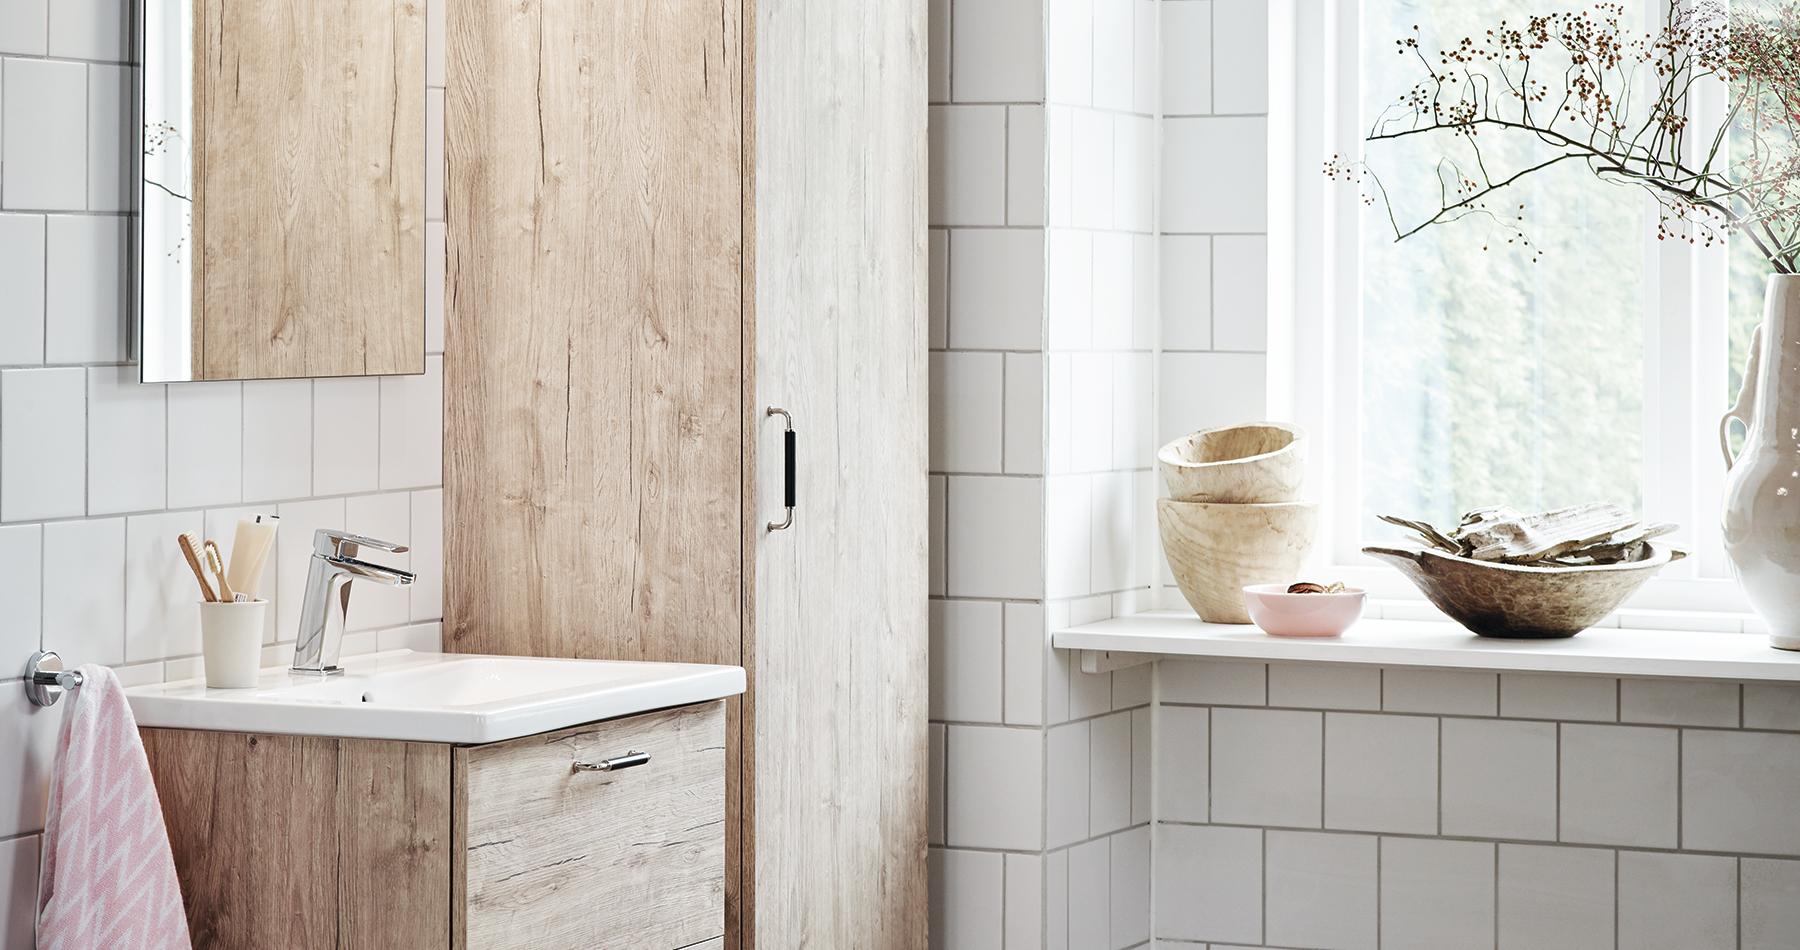 Vedums nyheter   nytt kök badrum och tvättstuga   vedum kök och bad ab